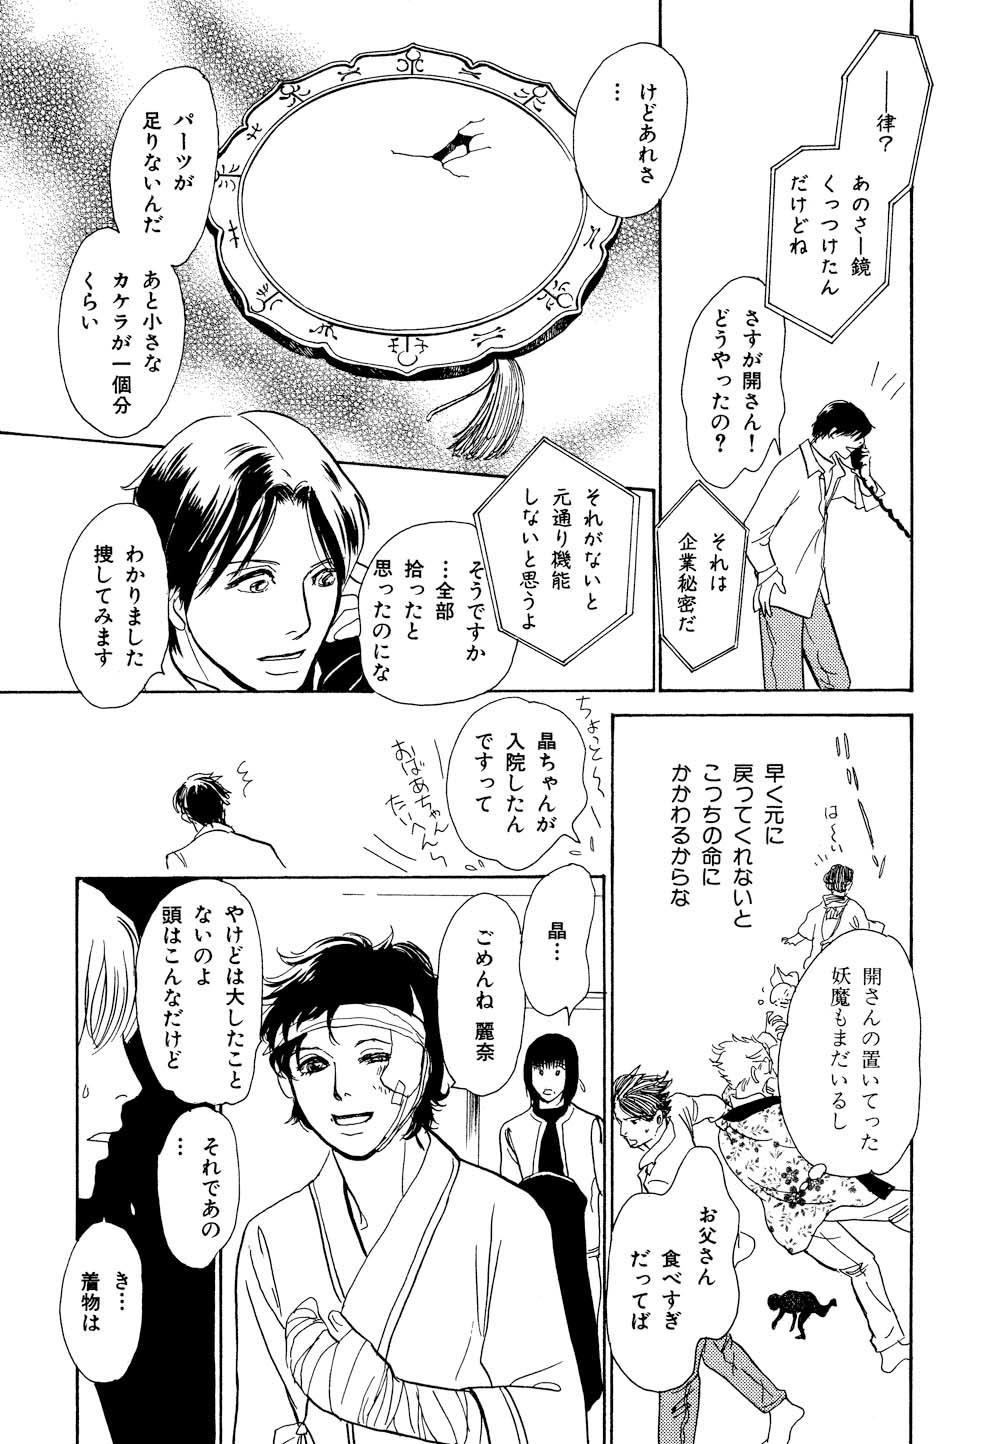 百鬼夜行抄_13_0105.jpg